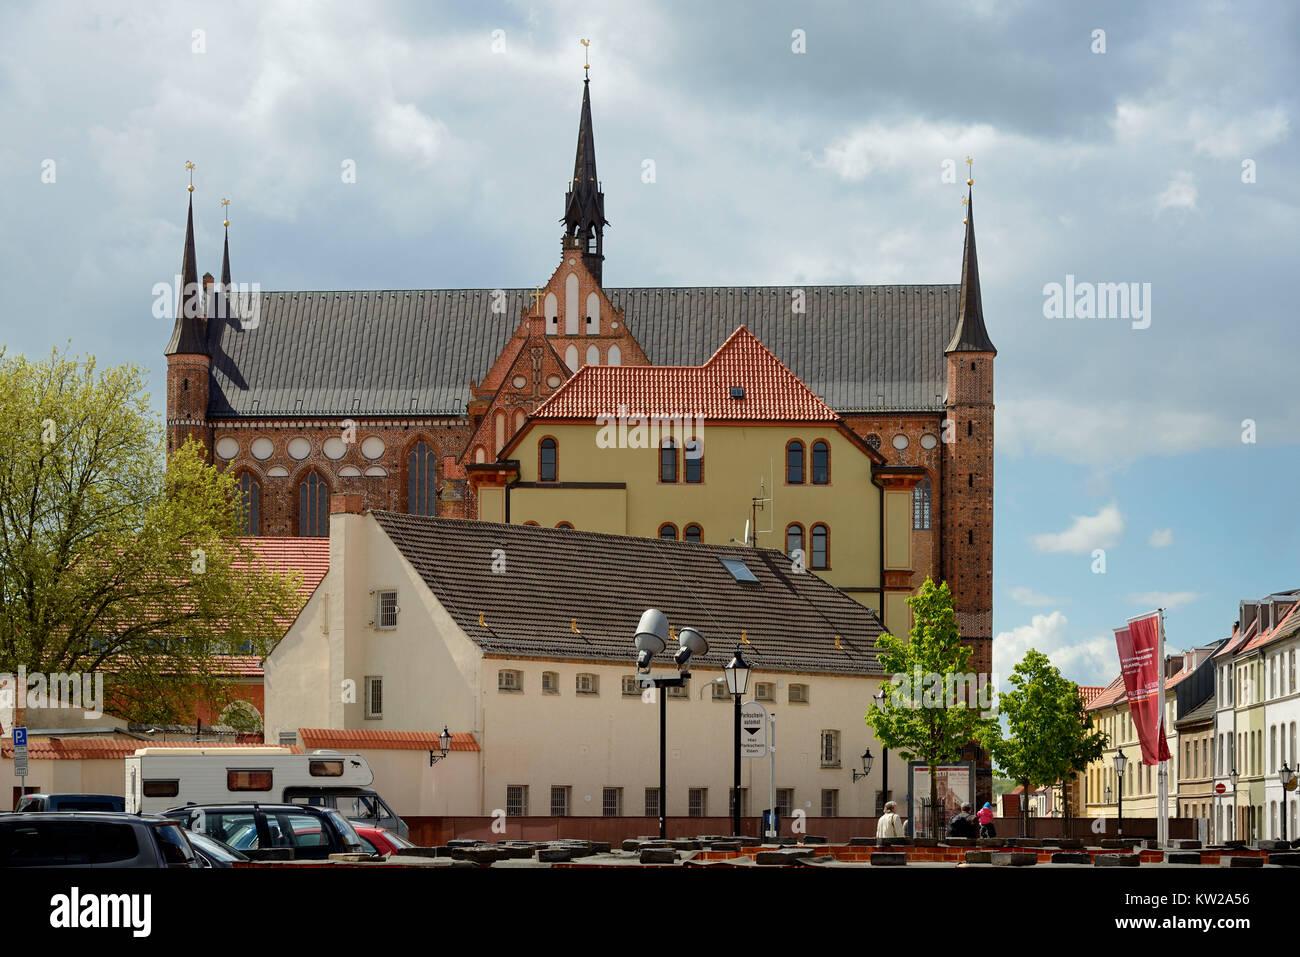 Wismar, prince's court and Saint Georgen church of Saint Marien Kirchhof, Fürstenhof und Sankt Georgen - Stock Image